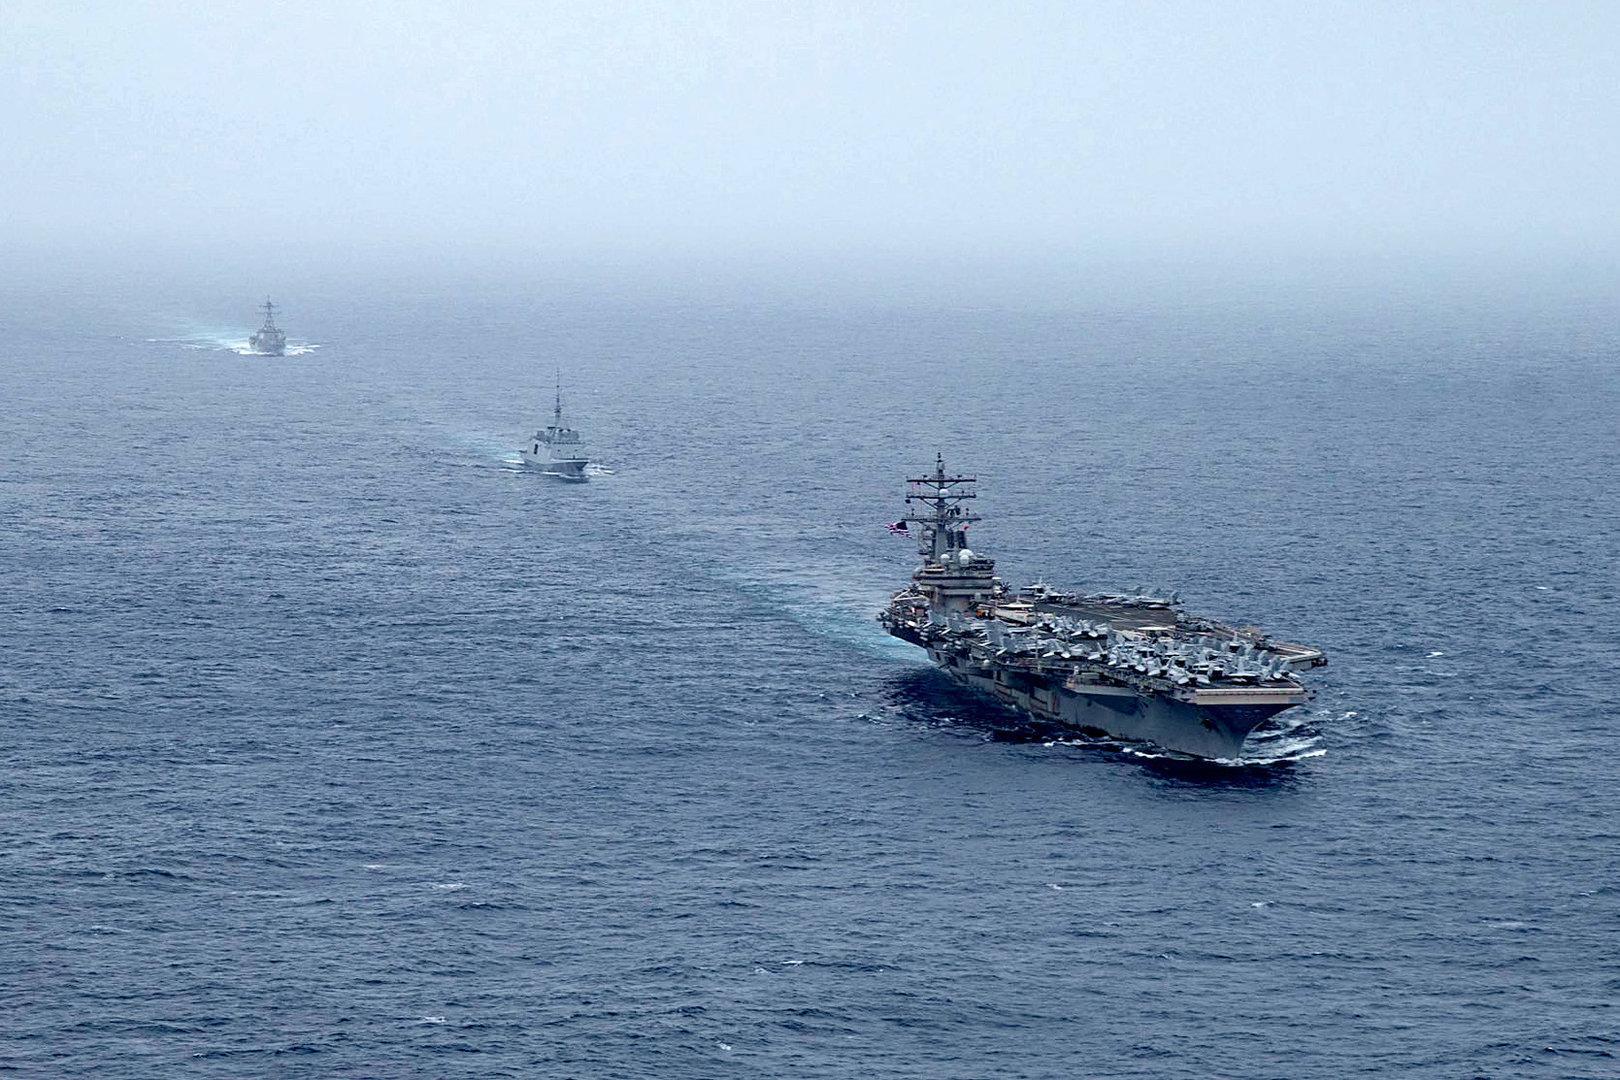 Empörung in Israel nach tödlichem Drohnen-Angriff auf Schiff